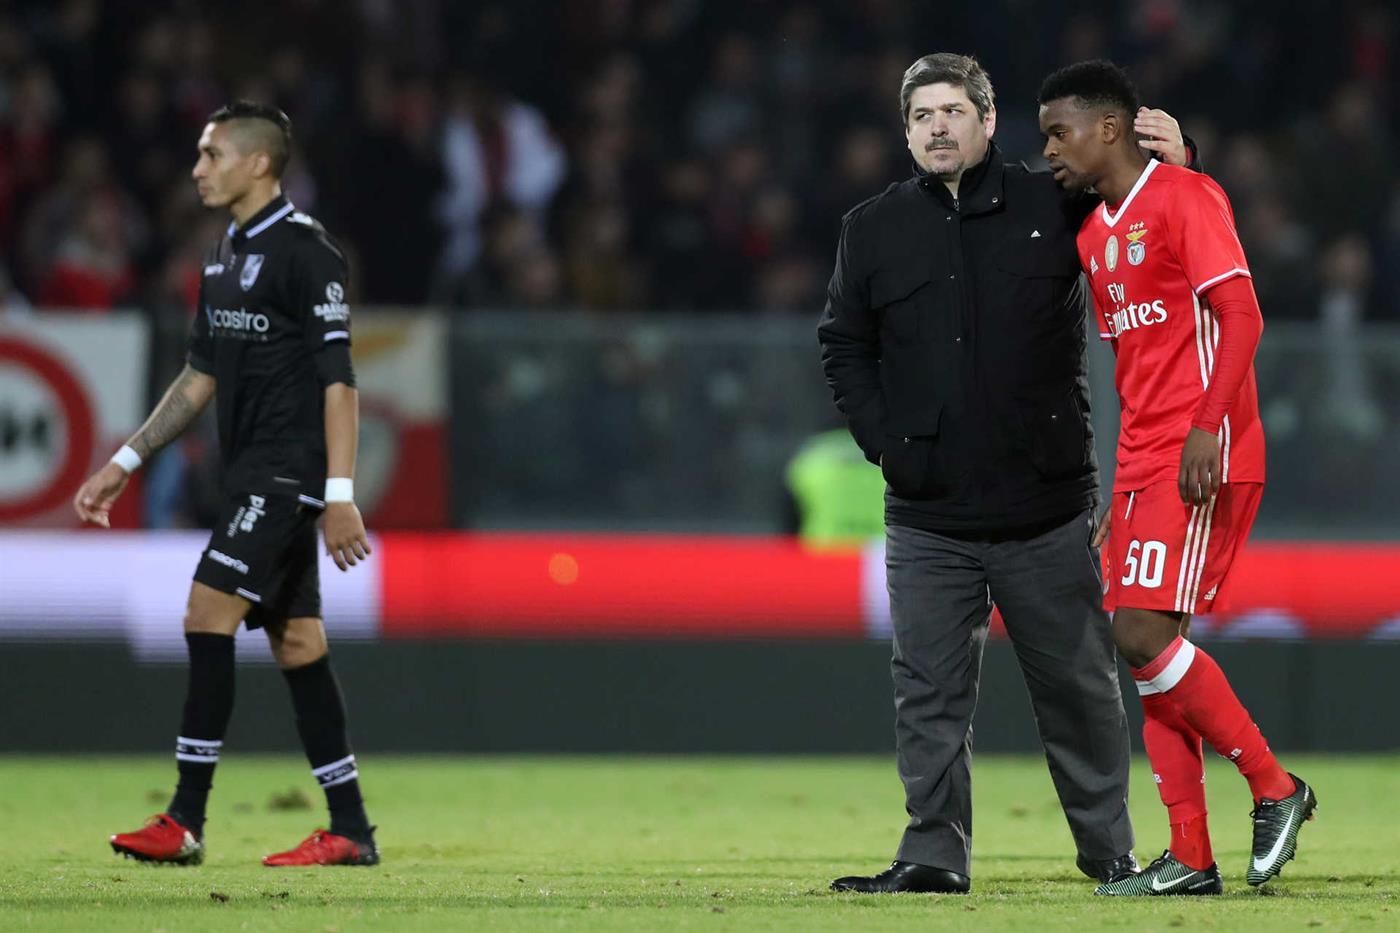 Guimarães, 10/01/2017 - O Vitória Sport Clube recebeu esta noite o Sport Lisboa e Benfica no Estádio